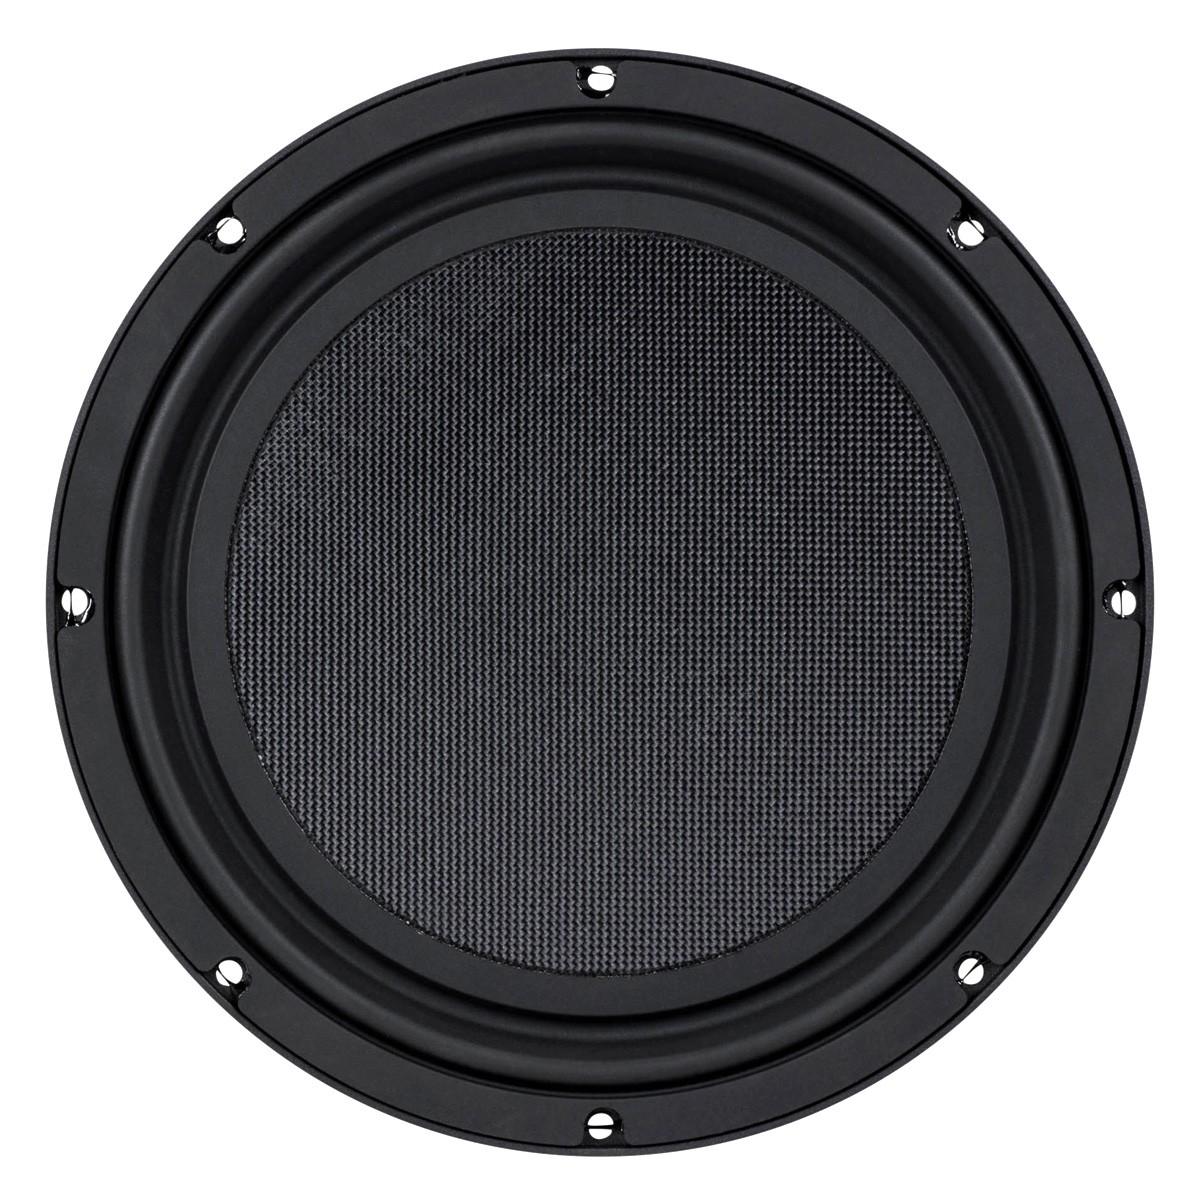 DAYTON AUDIO LS12-44 Speaker Driver Low Profile Subwoofer Dual Coil 250W 2x4 Ohm 88dB 28Hz - 300Hz Ø30.5cm